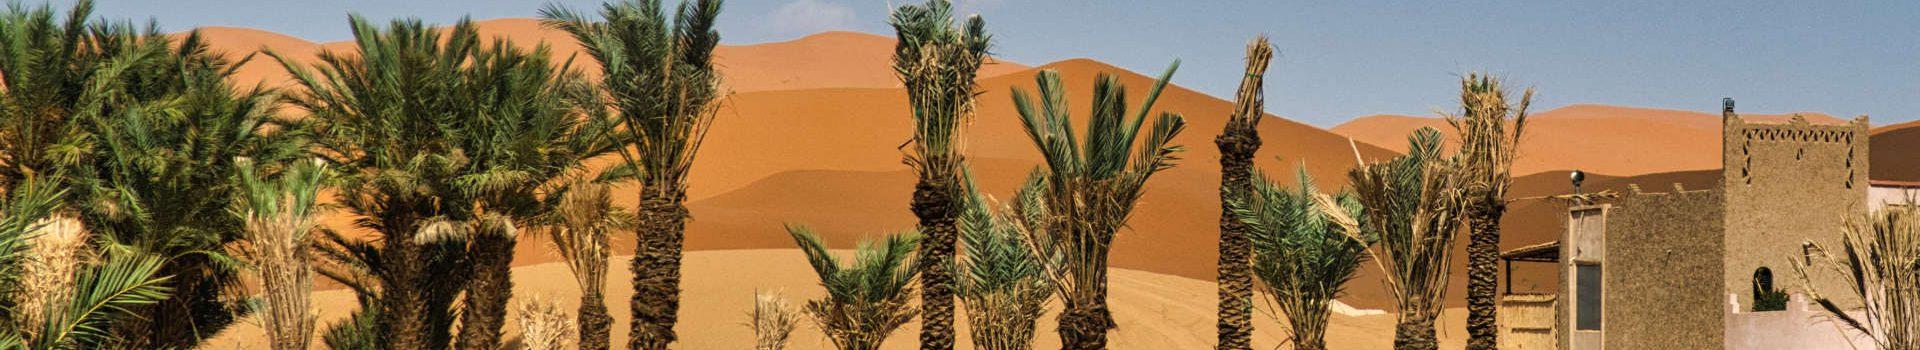 Zwei Wochen Abenteuerurlaub in Marokko